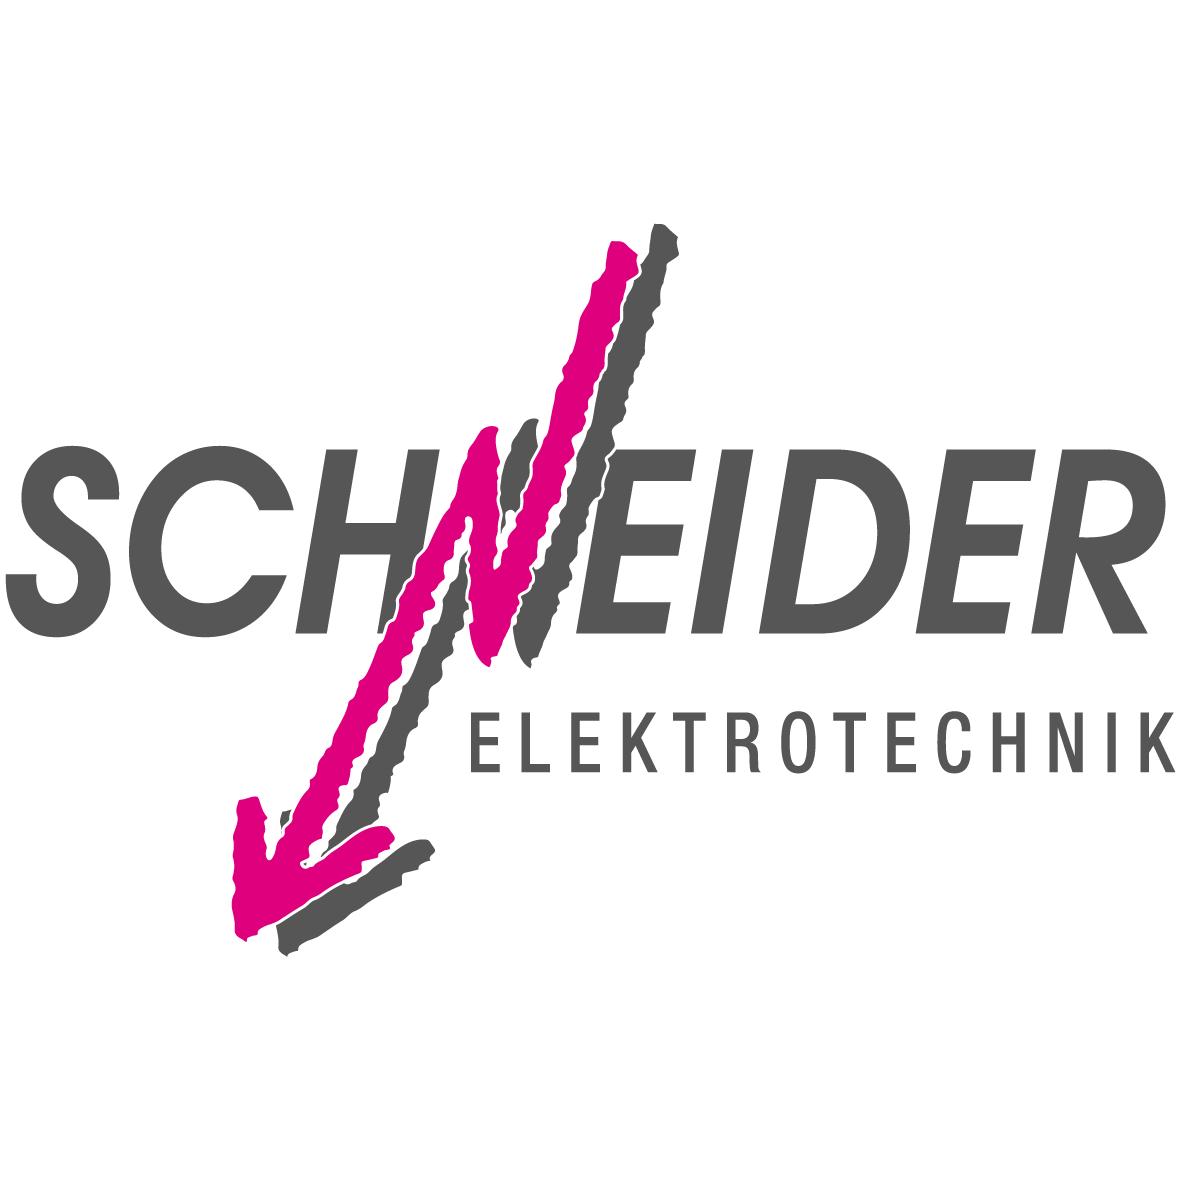 Bild zu Schneider Elektrotechnik in Bönnigheim